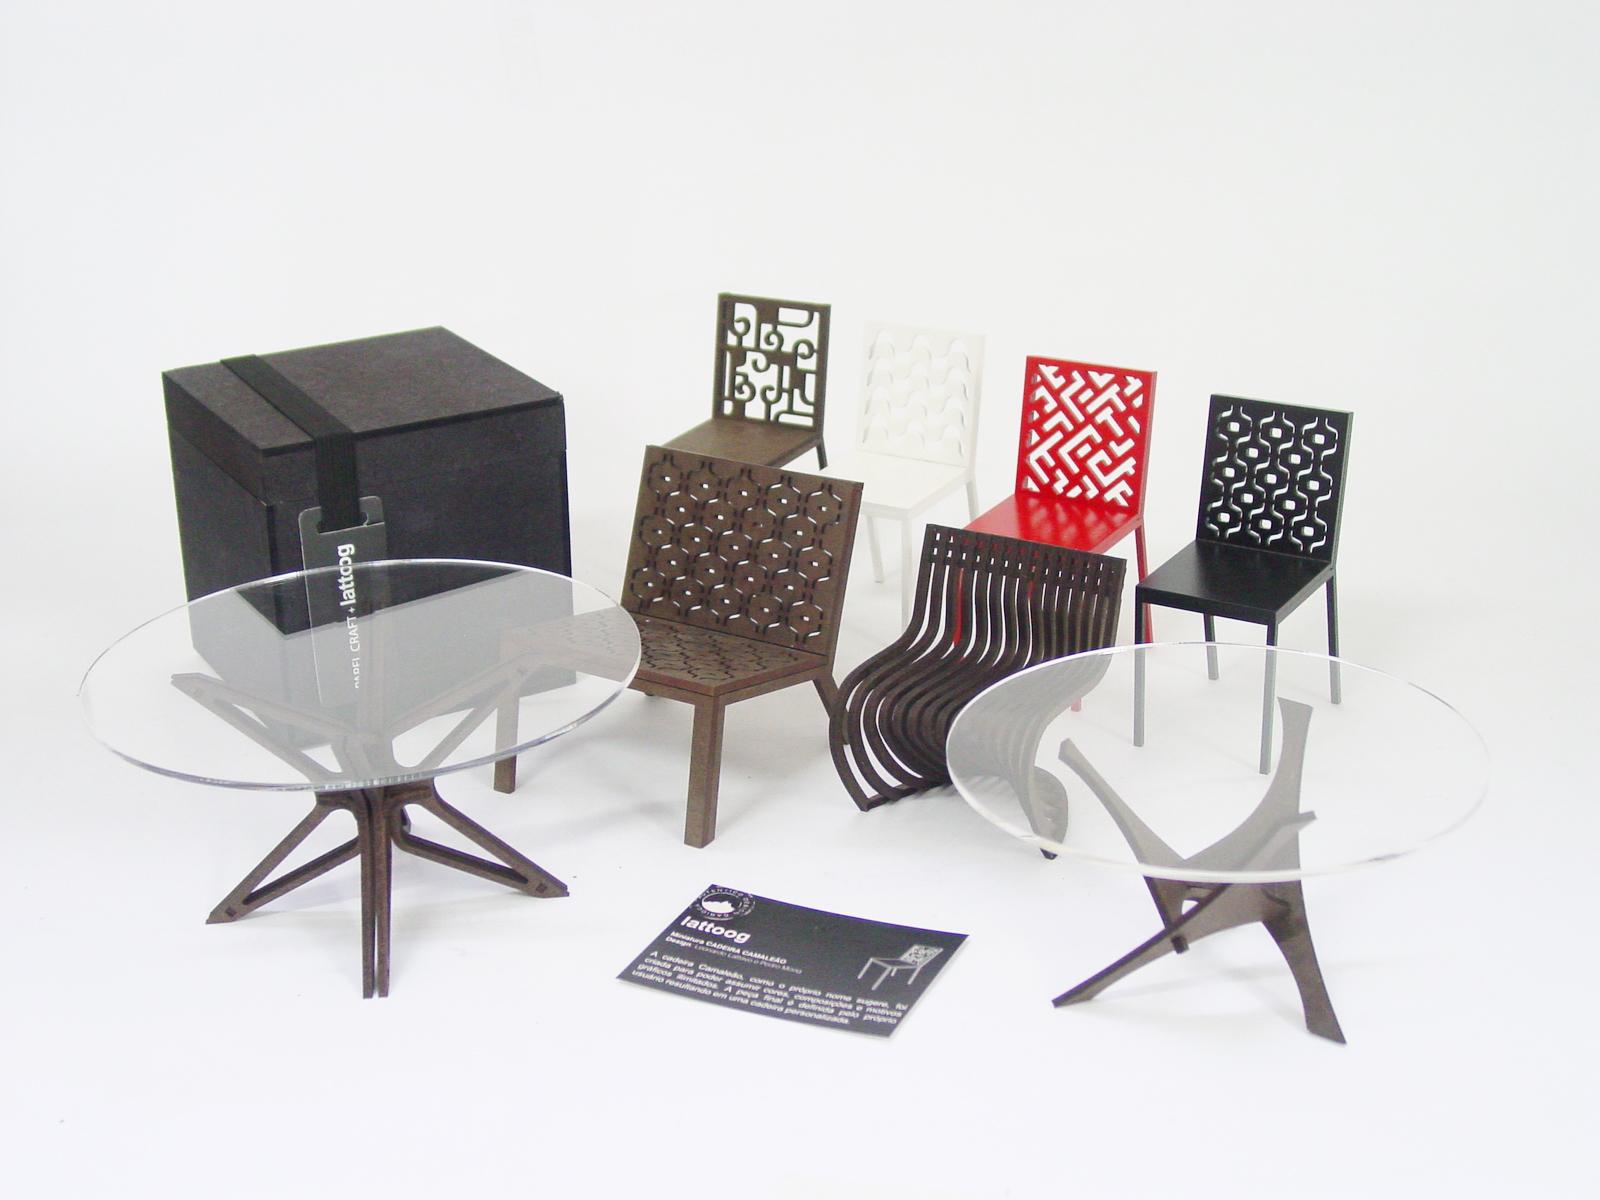 Lattoog lança as primeiras miniaturas  de móveis com design nacional